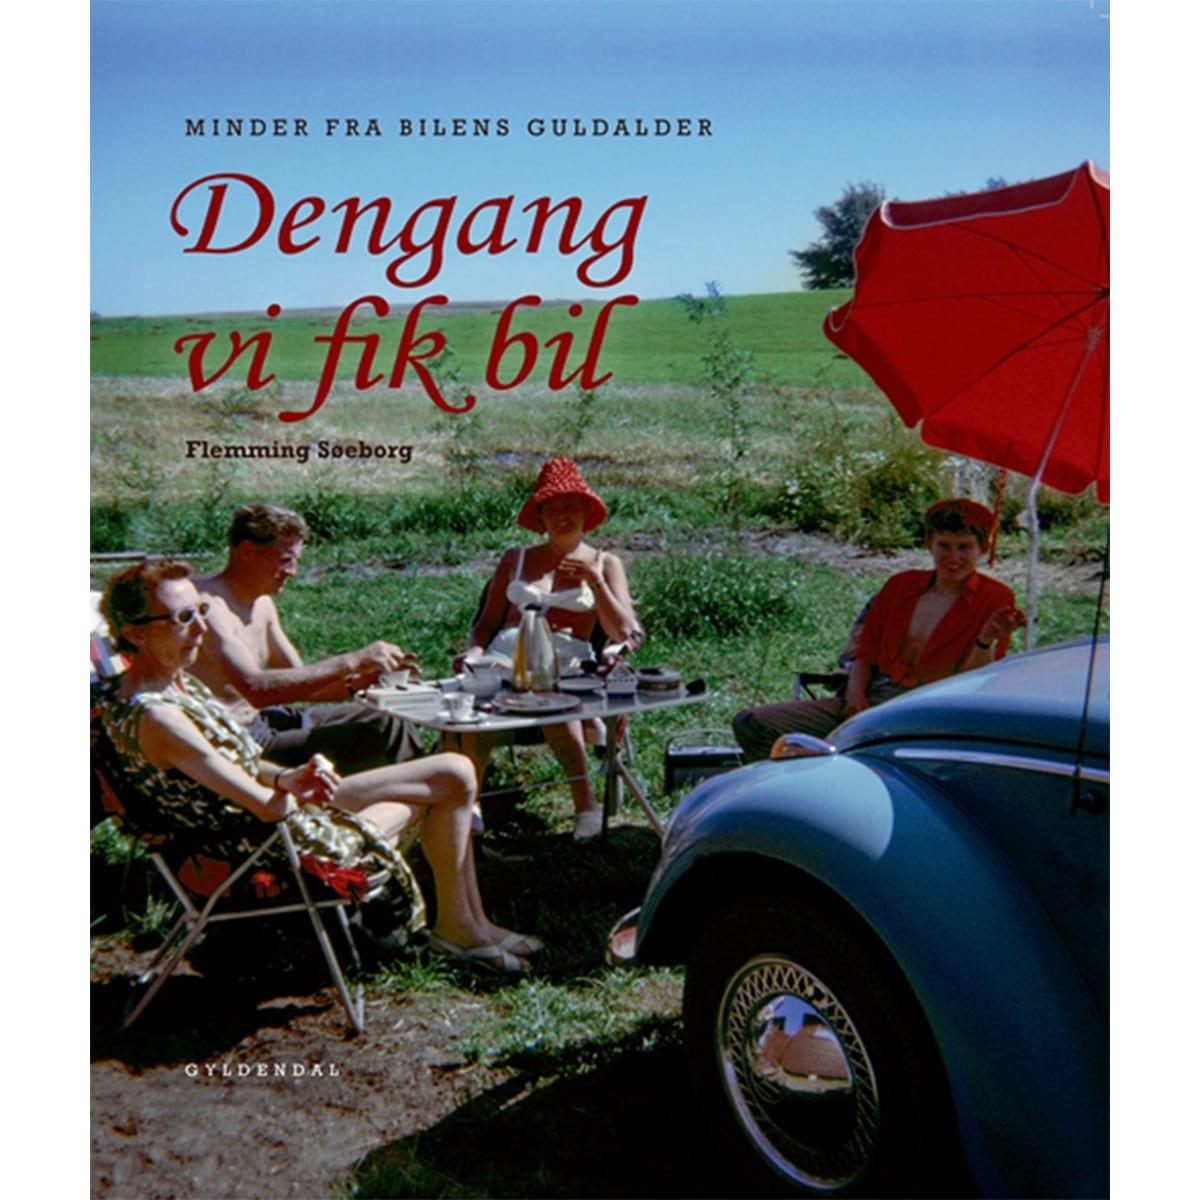 Af Flemming Søeborg